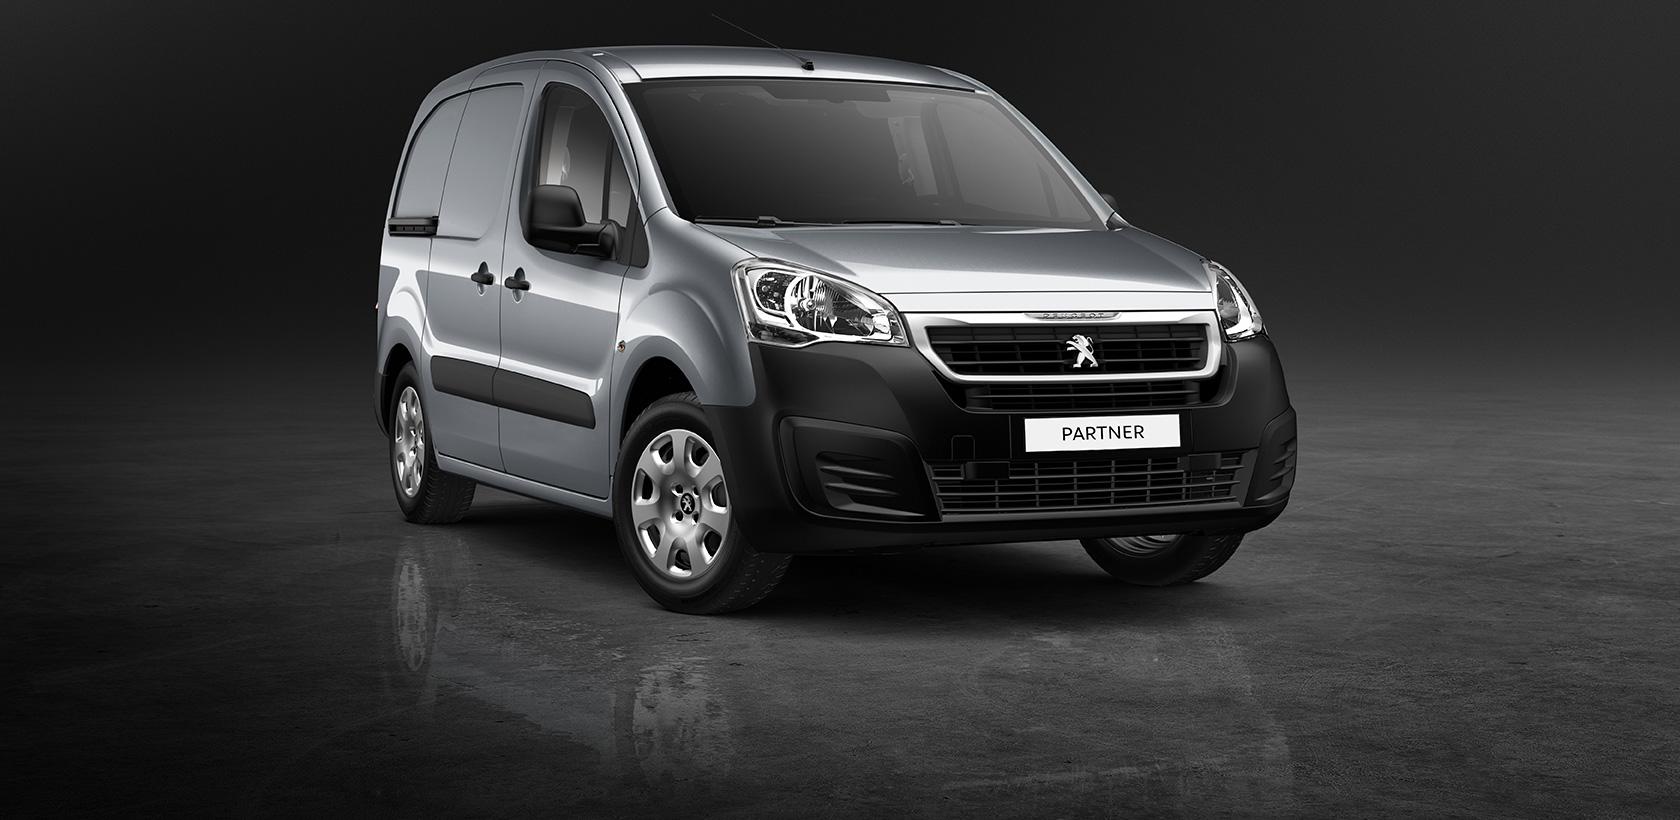 Le Peugeot Partner élu véhicule de l'année en entreprise